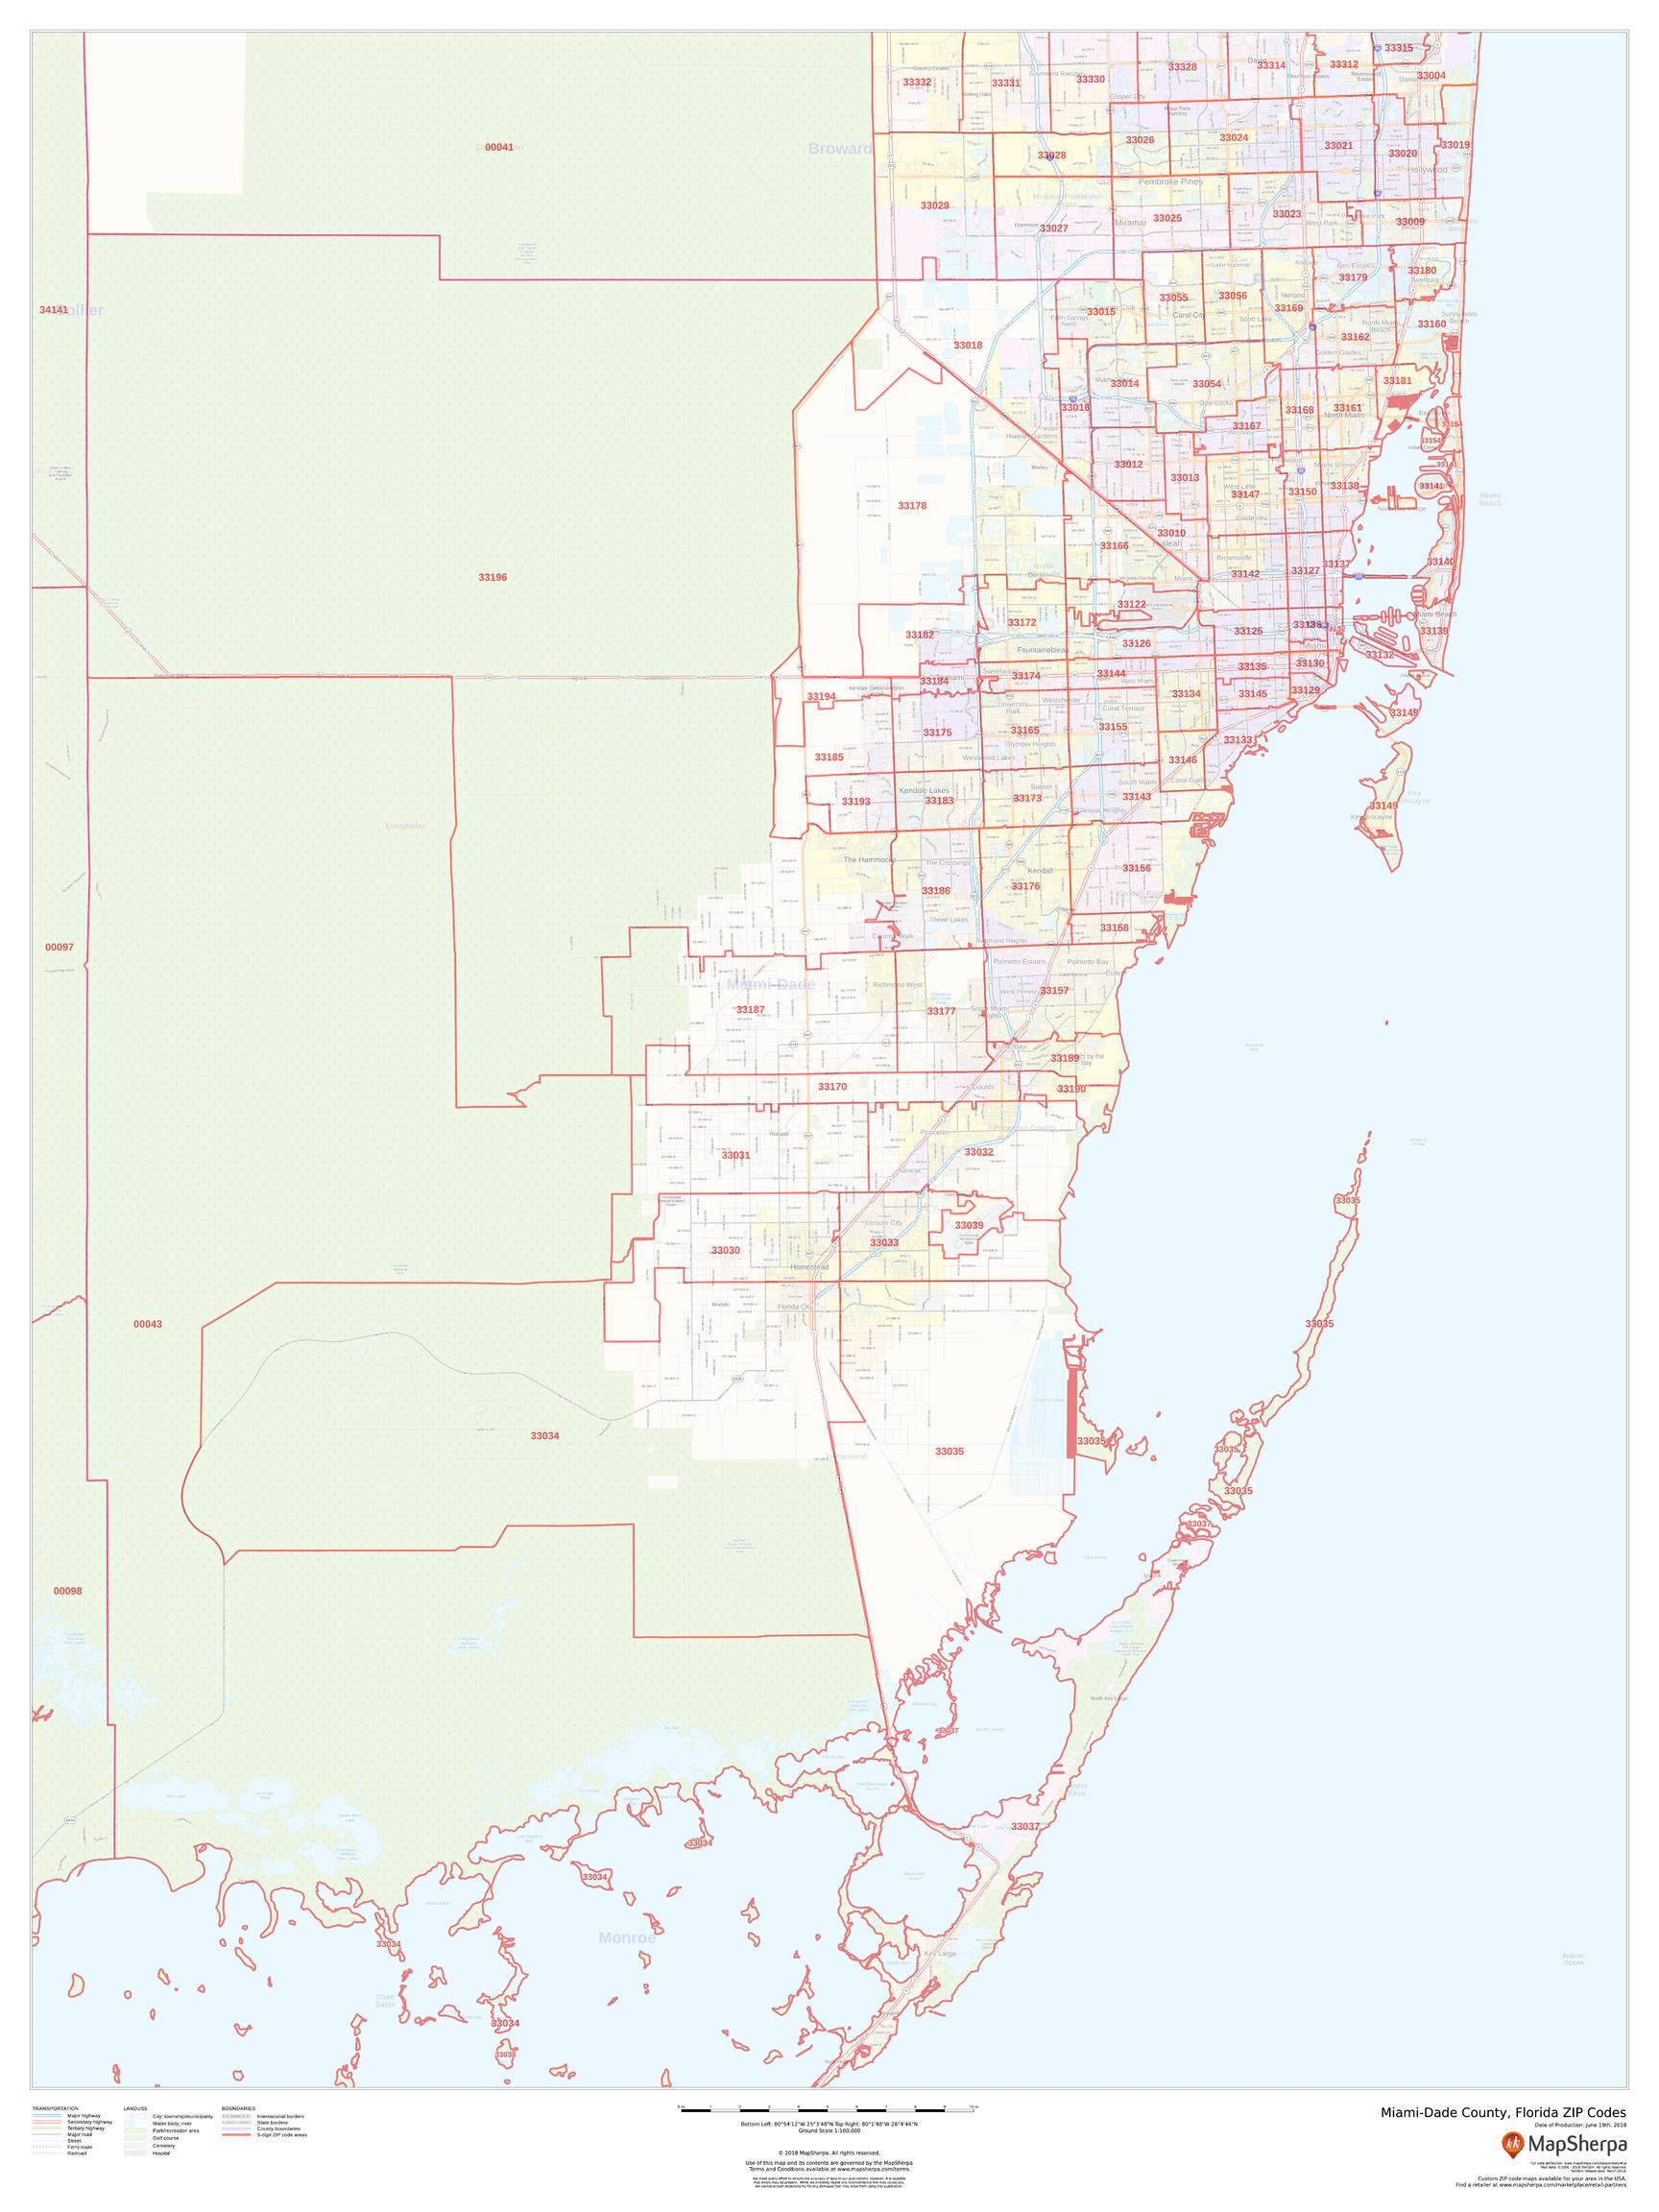 Miami-Dade County Zip Code Map, Florida ZIP Codes on zip code map florida panhandle, map of central florida, information of florida, 3 digit zip code map florida, digital map of florida, school district map of florida, usps zip code map florida, full size map of florida, scf map of florida, destination of florida, longitude map of florida, area code map of florida, city map of florida, zip codes florida map with citie, just map of florida, weather of florida, province map of florida, telephone map of florida, race map of florida, zip codes by city in florida,